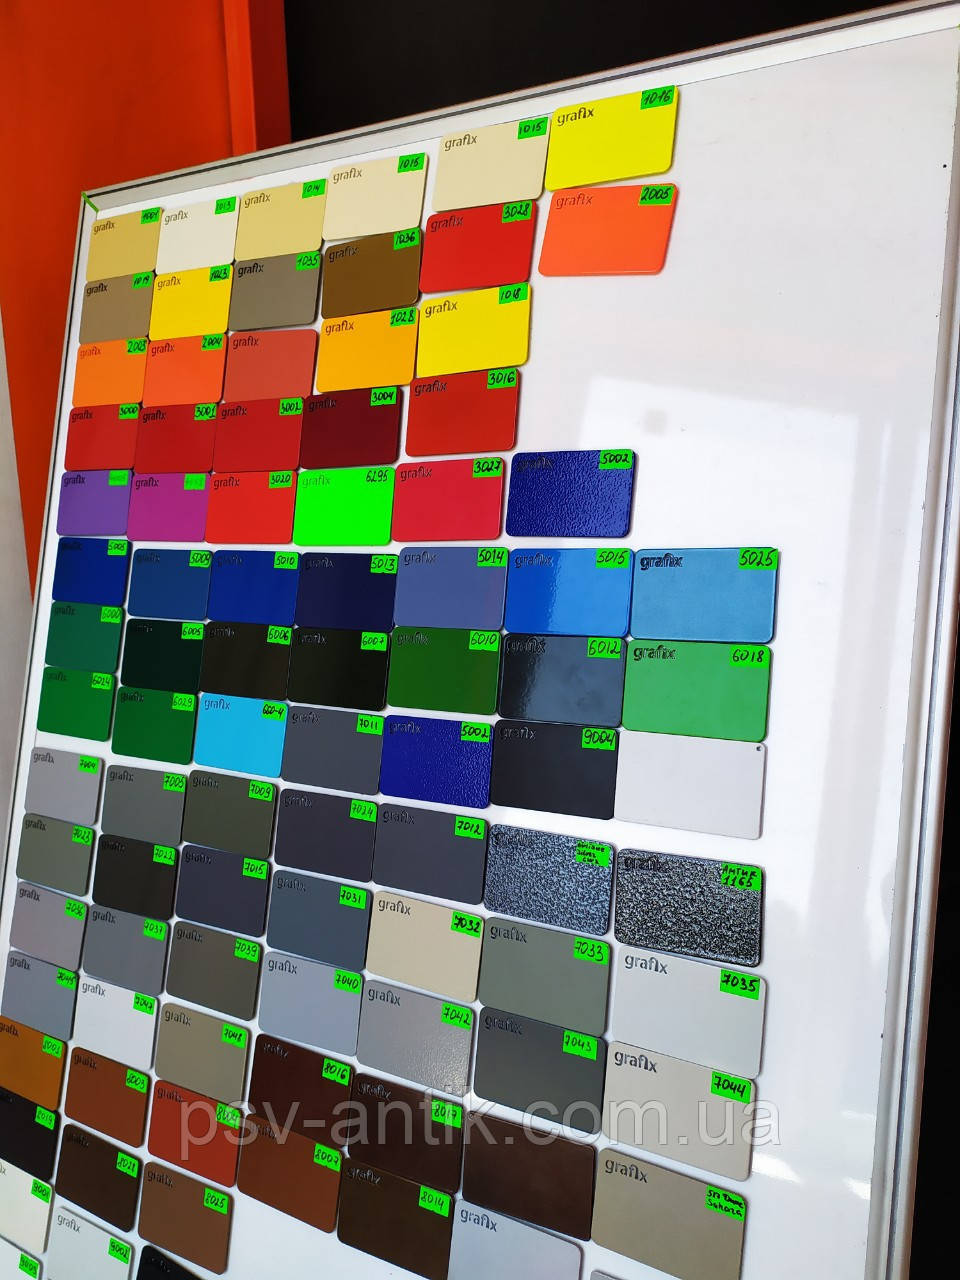 Порошковая краска матовая, полиэфирная, архитектурная, 6009